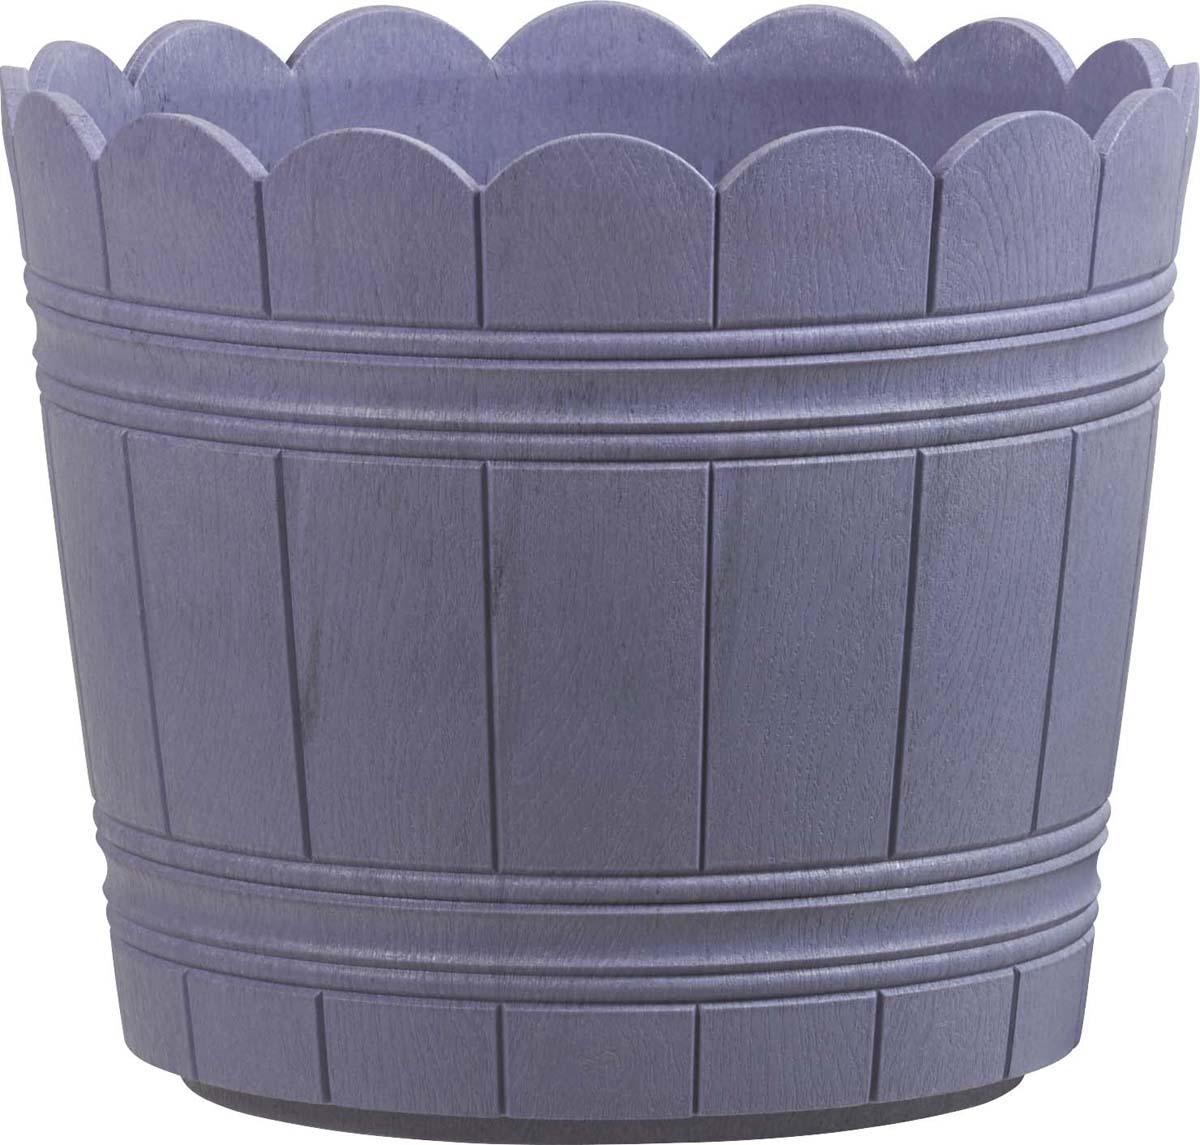 Кашпо Emsa Country, цвет: сиреневый, диаметр 24 см сиреневый цв 14